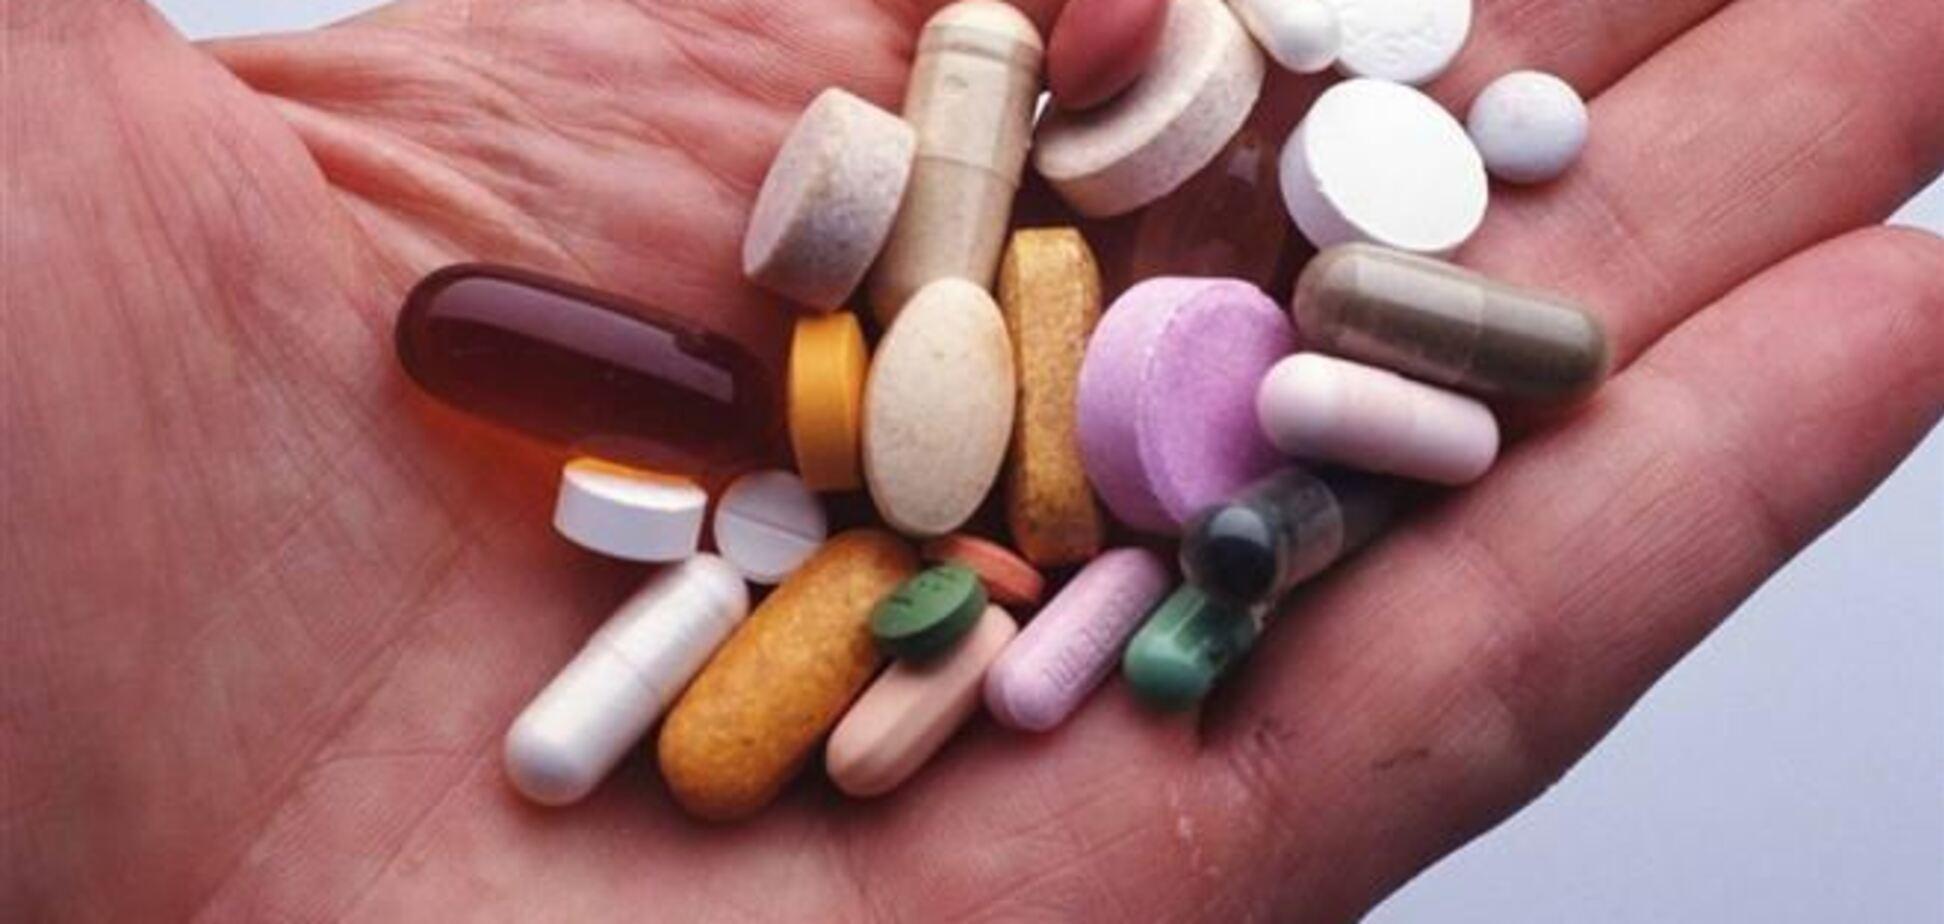 Гослекслужба назвала аптеки, где продавали запрещенные лекарства